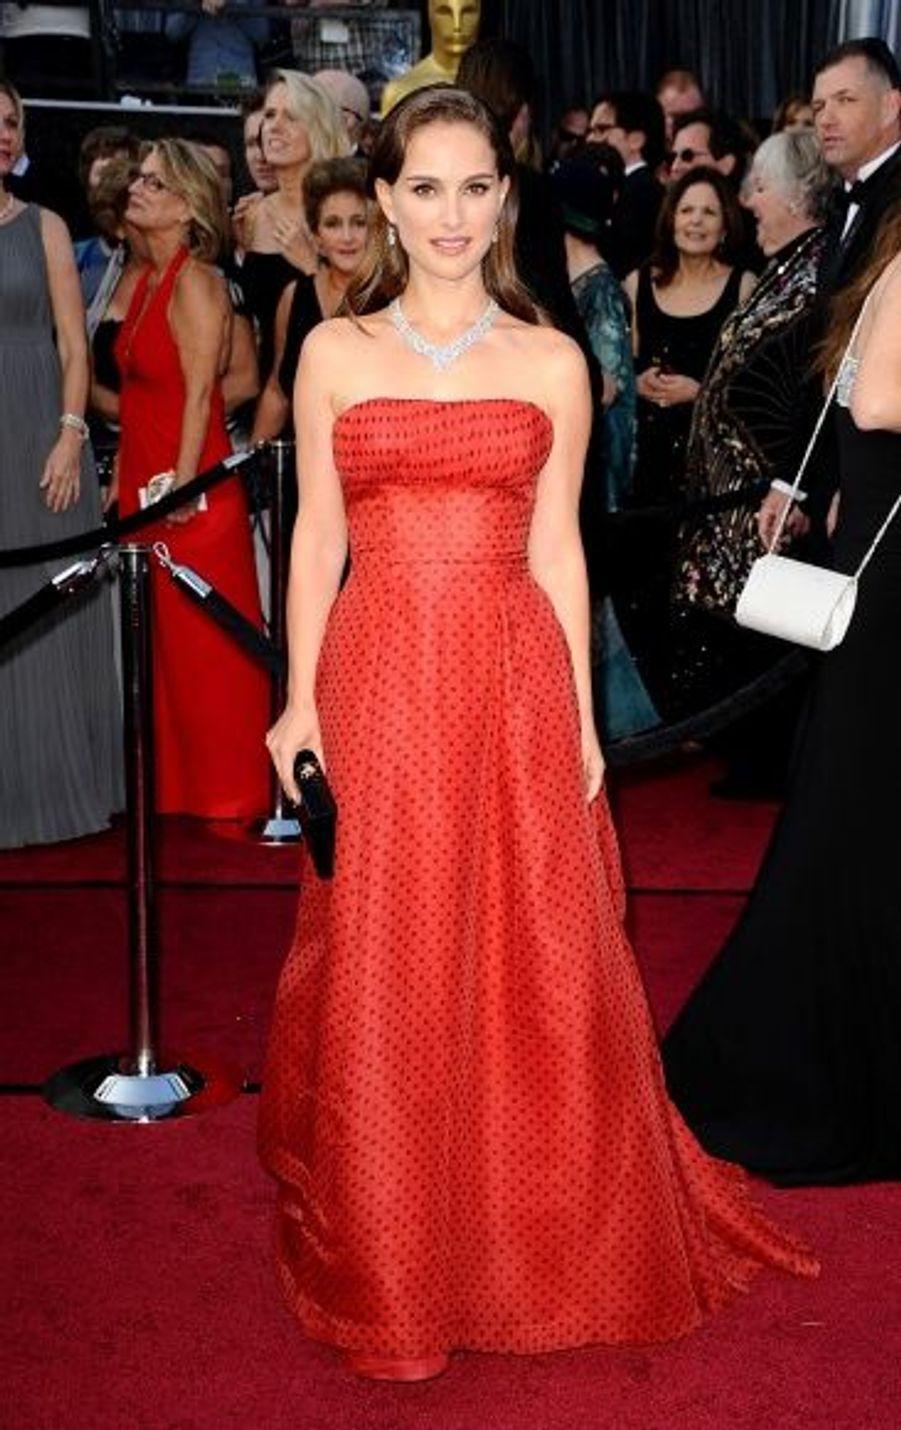 Egérie du parfum Miss Dior, Natalie Portman portait une robe rouge à pois Haute-Couture de la marque française.